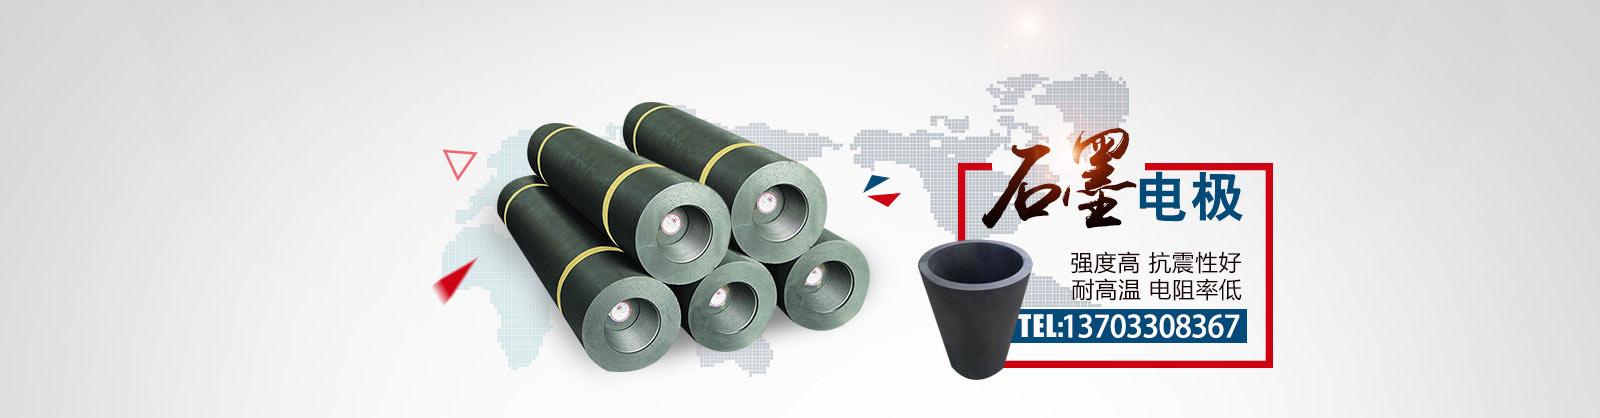 临漳县恒强碳素有限公司